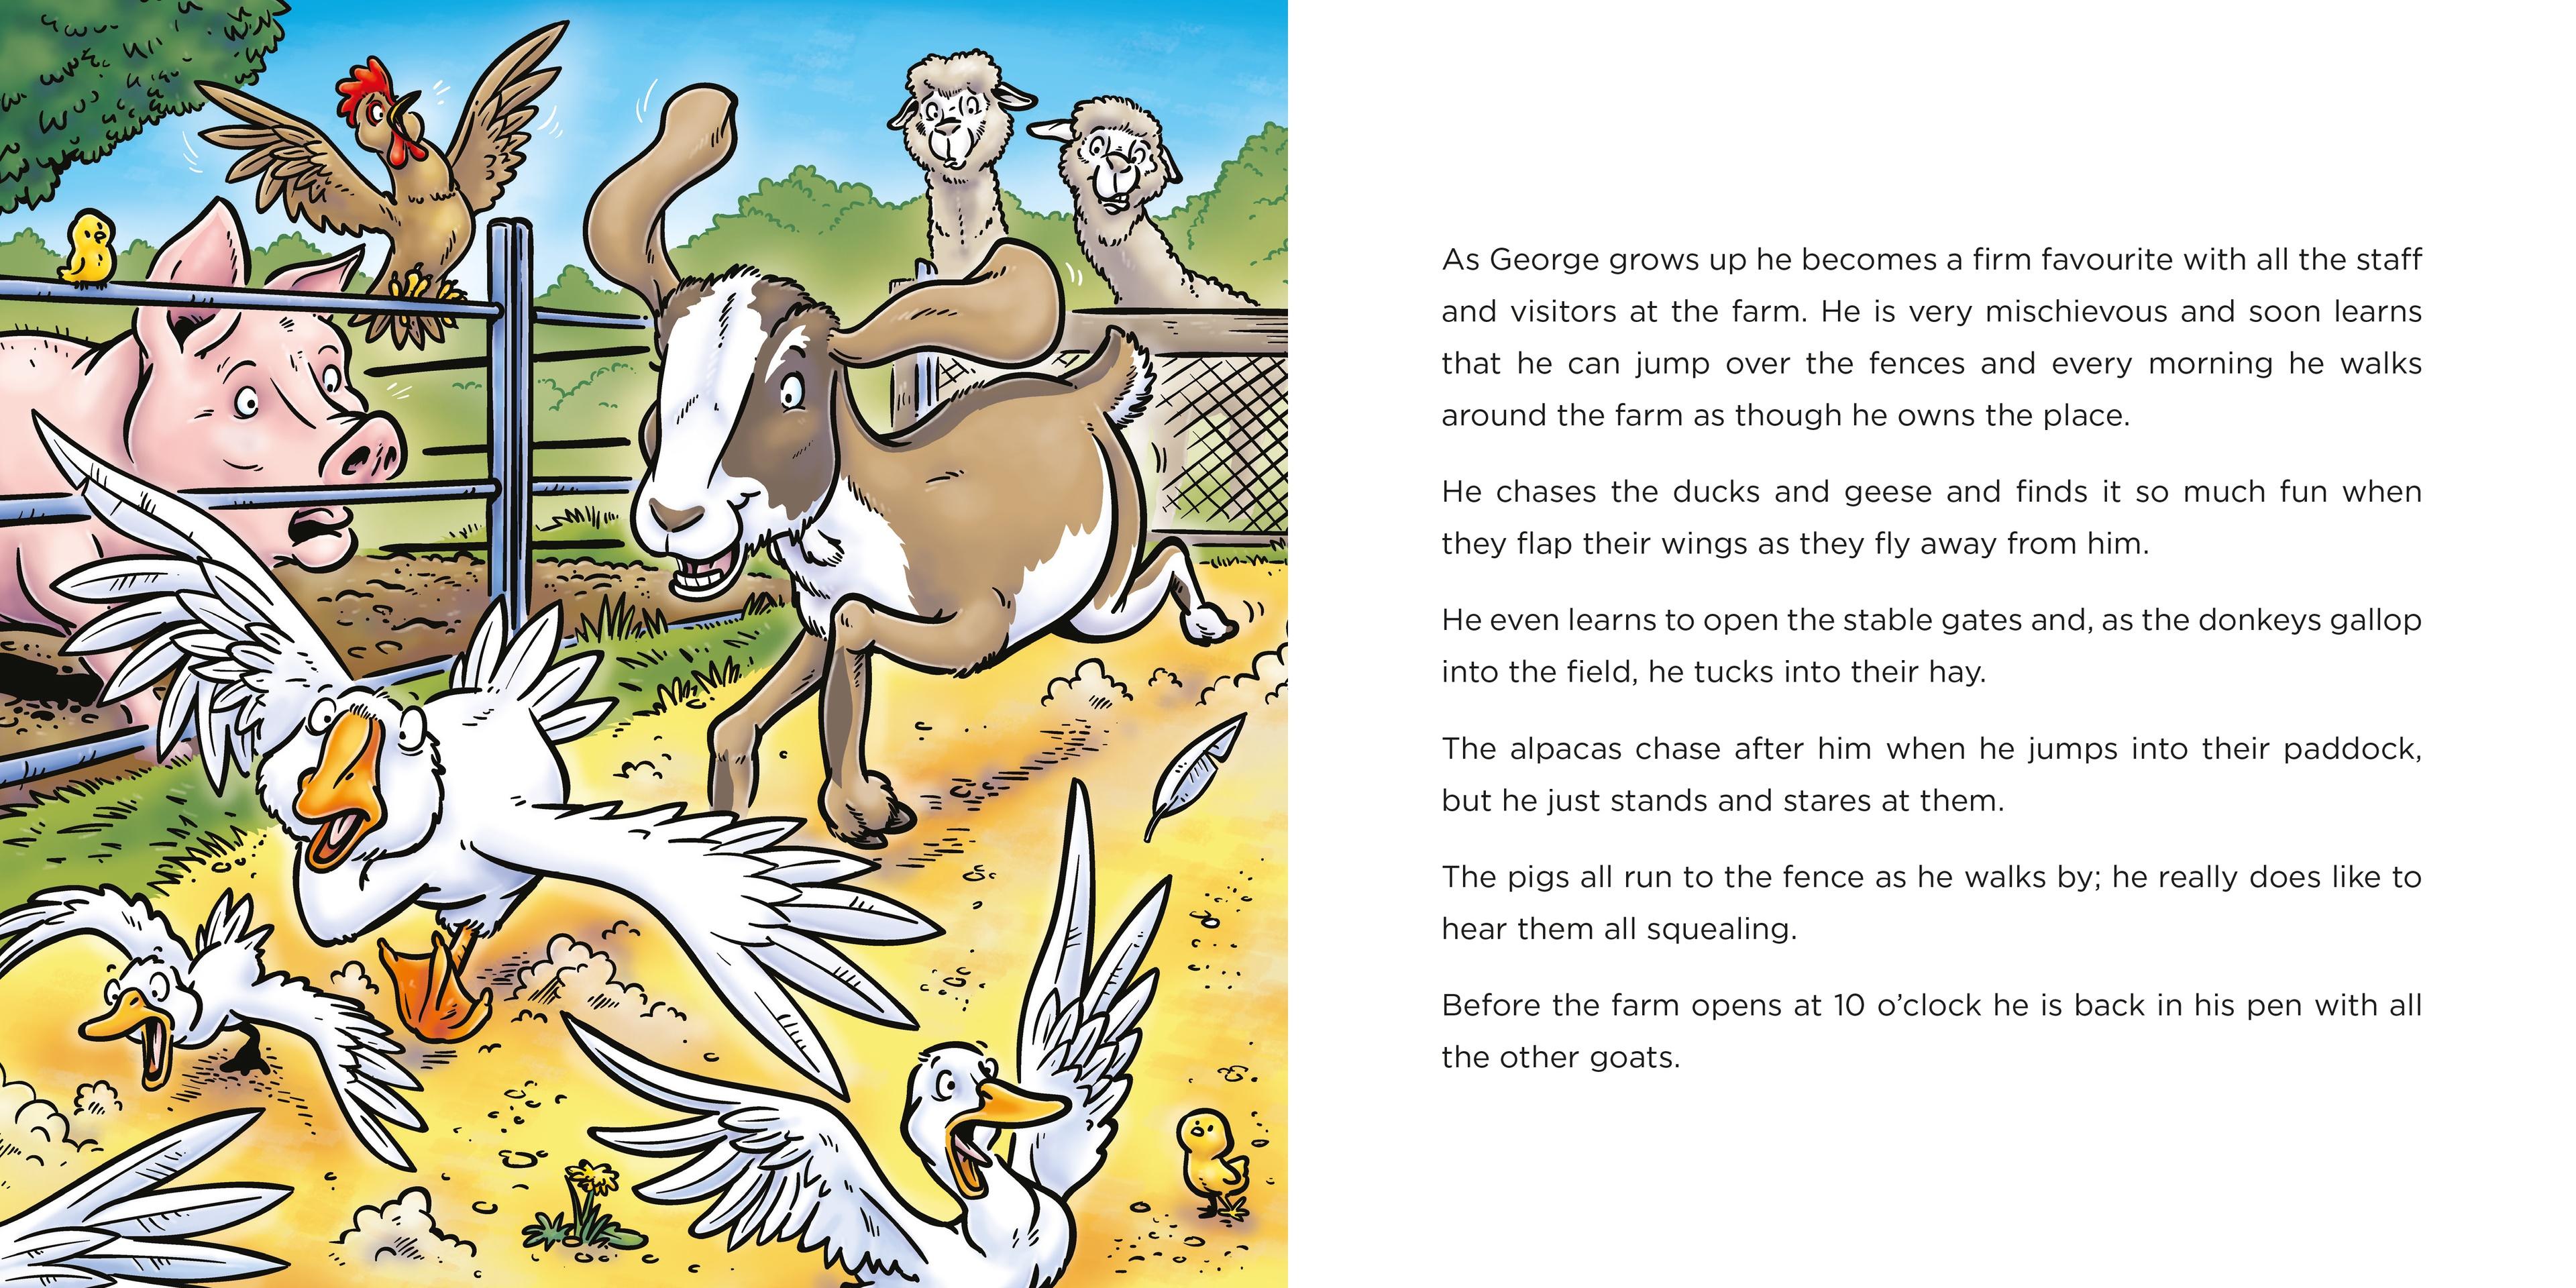 George The Goat_2.jpg